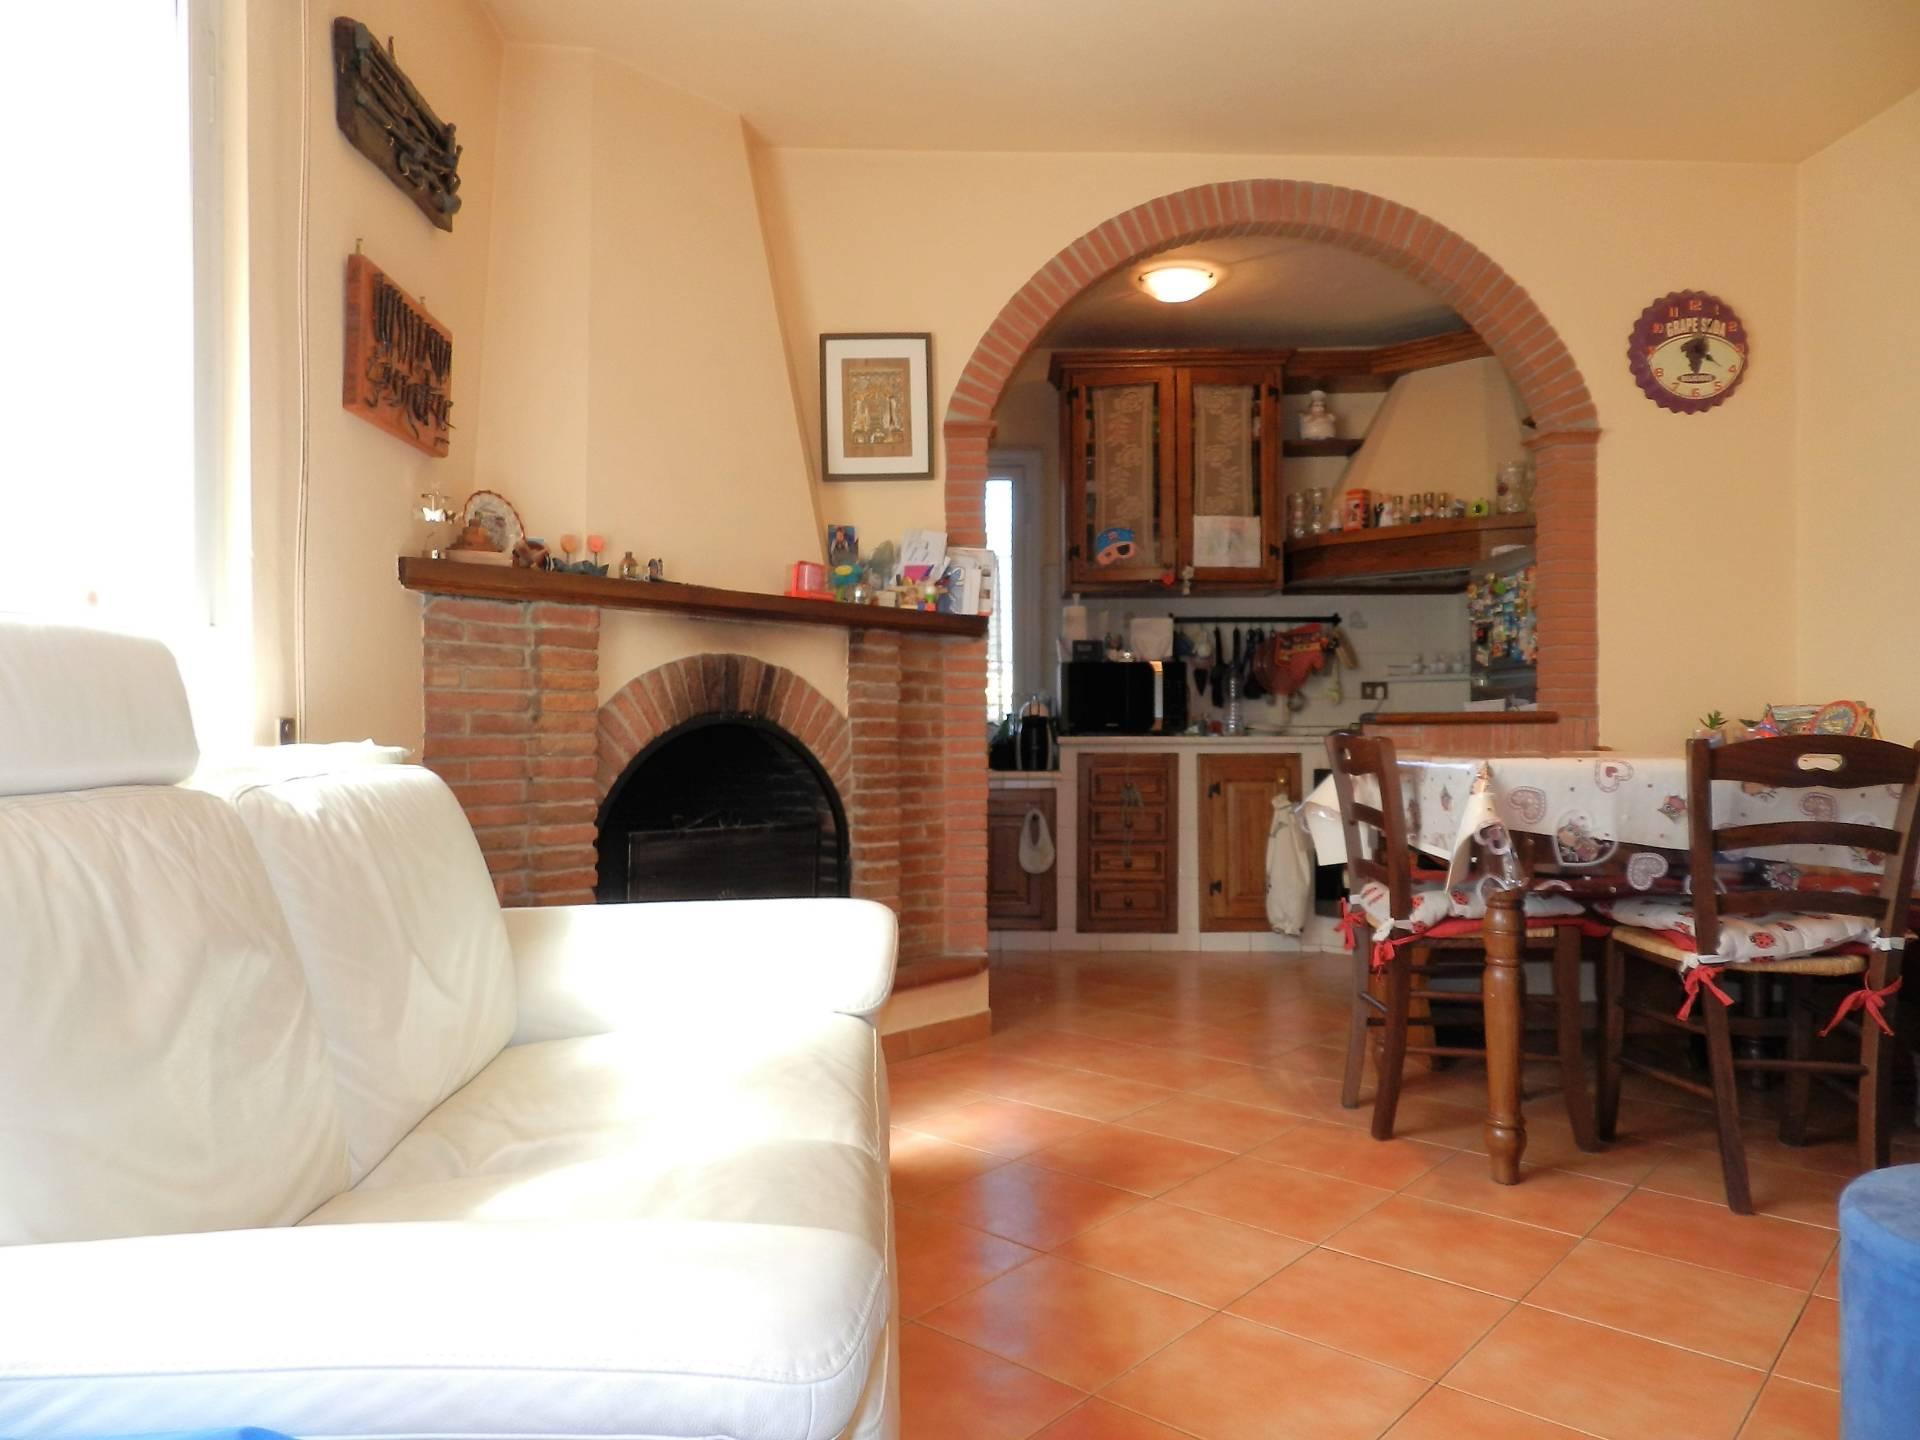 Appartamento in vendita a Capannori, 4 locali, zona Località: SegromignoinMonte, prezzo € 135.000 | PortaleAgenzieImmobiliari.it